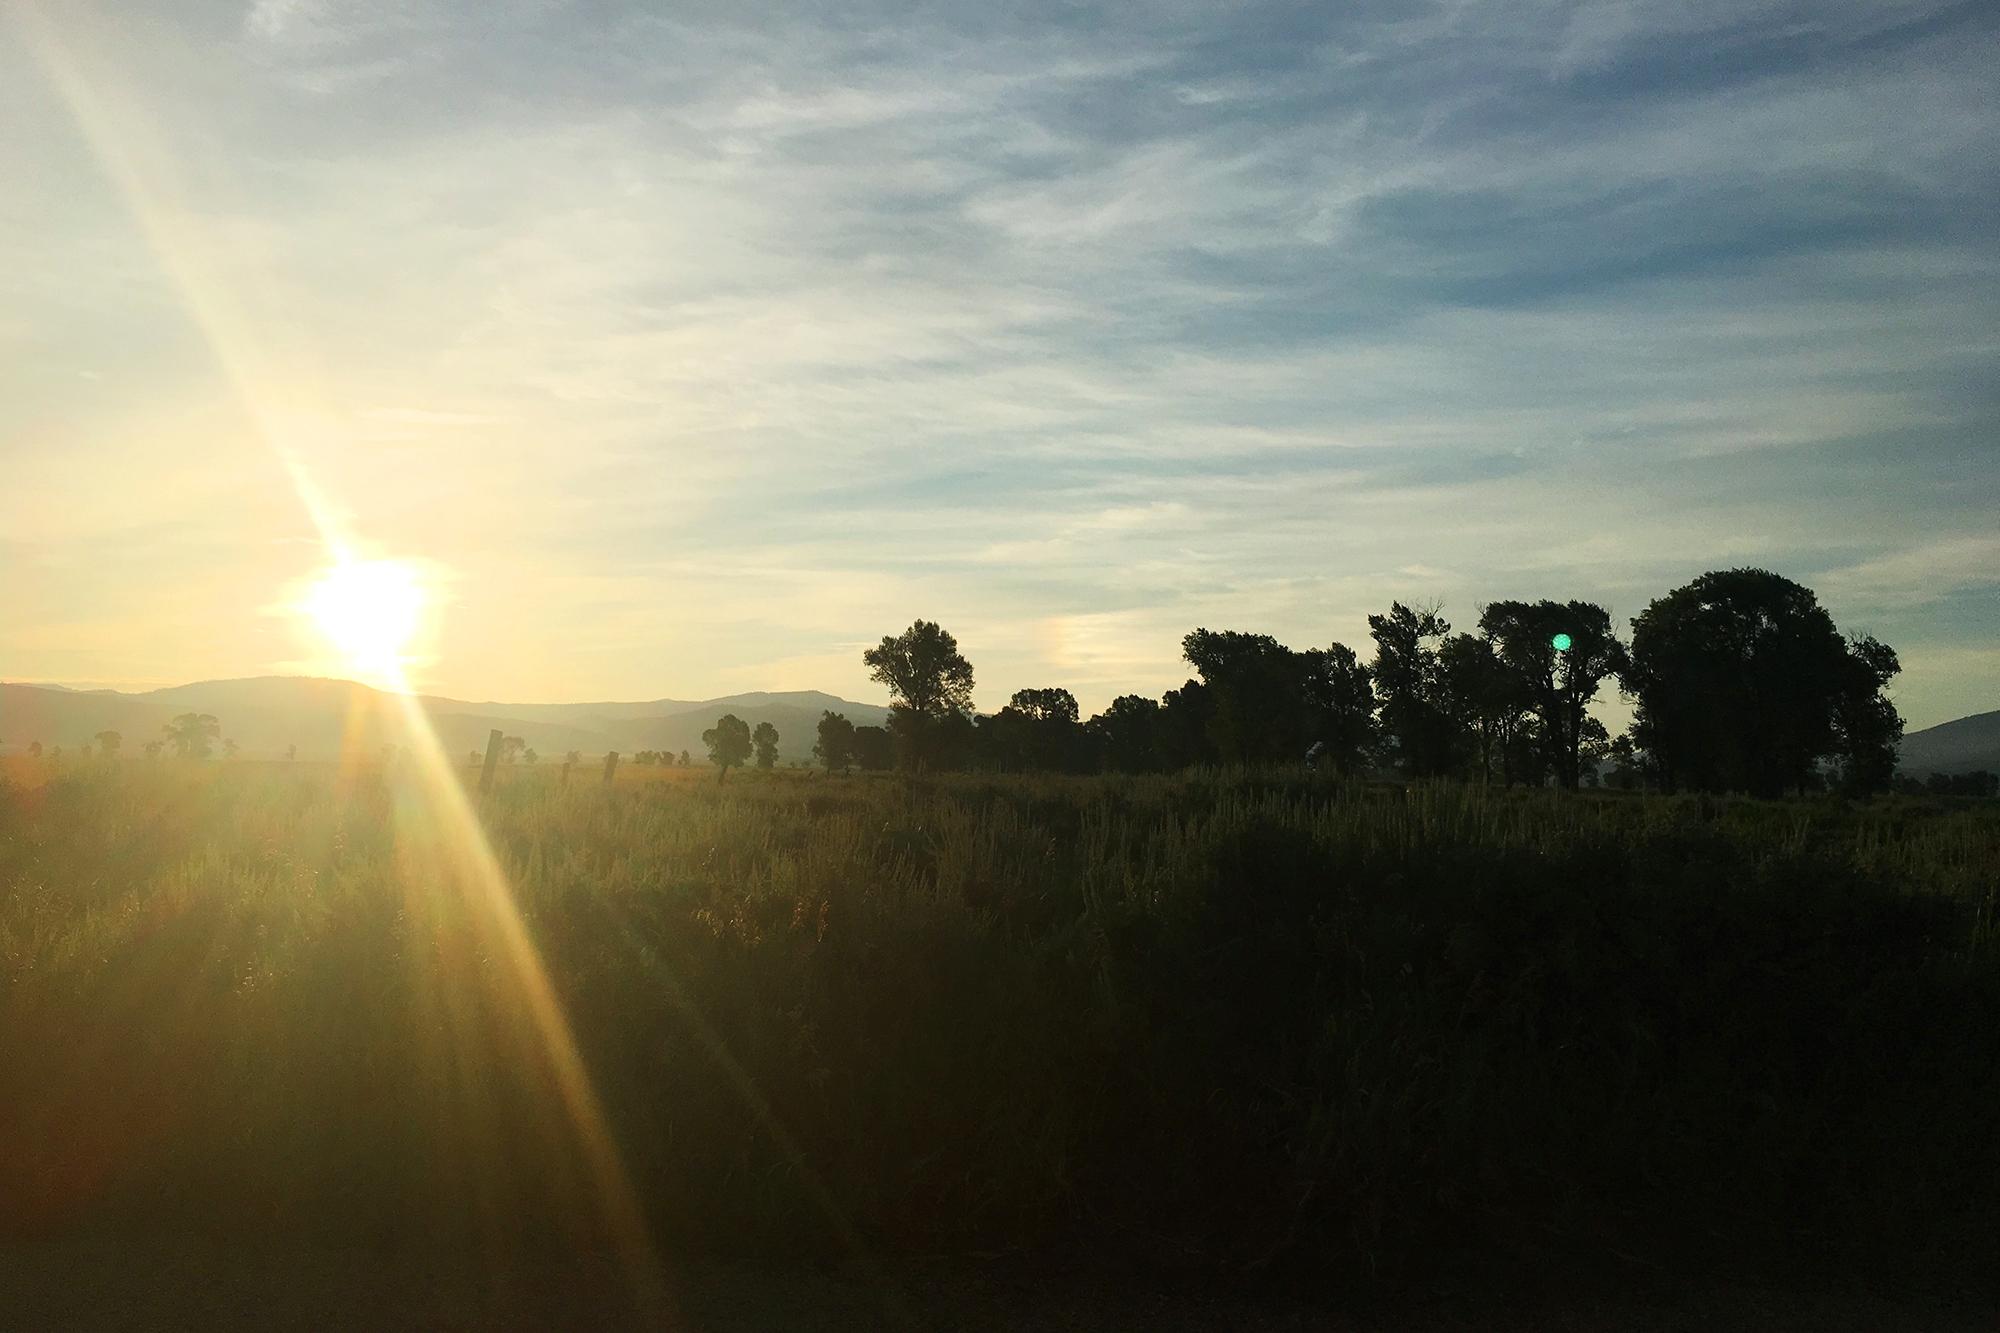 jo-torrijos-states-of-reverie-grand-teton-national-park-mormon-row-sunrise-7.jpg